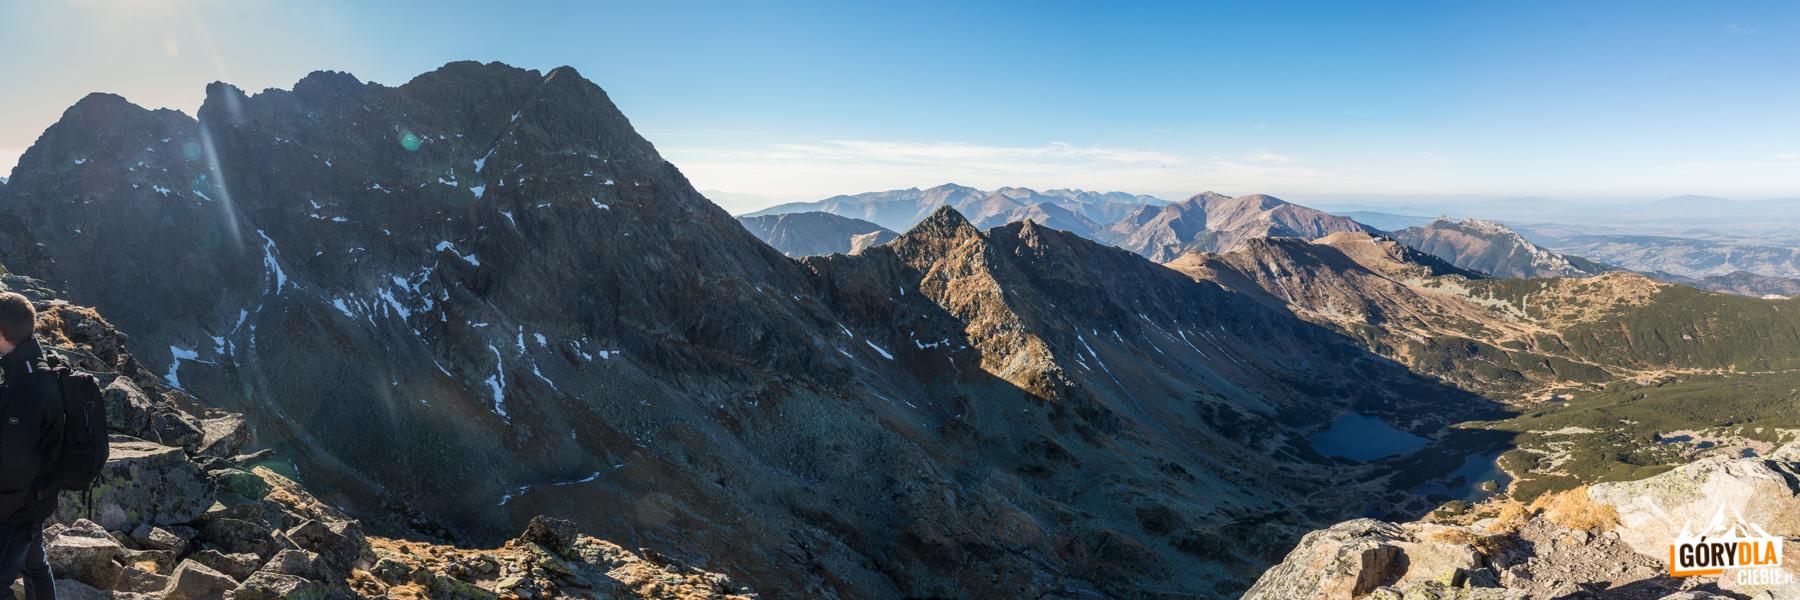 Świnica (2301 m) i Tatry Zachodnie - panorama ze szczytu Kościelca (2155 m)